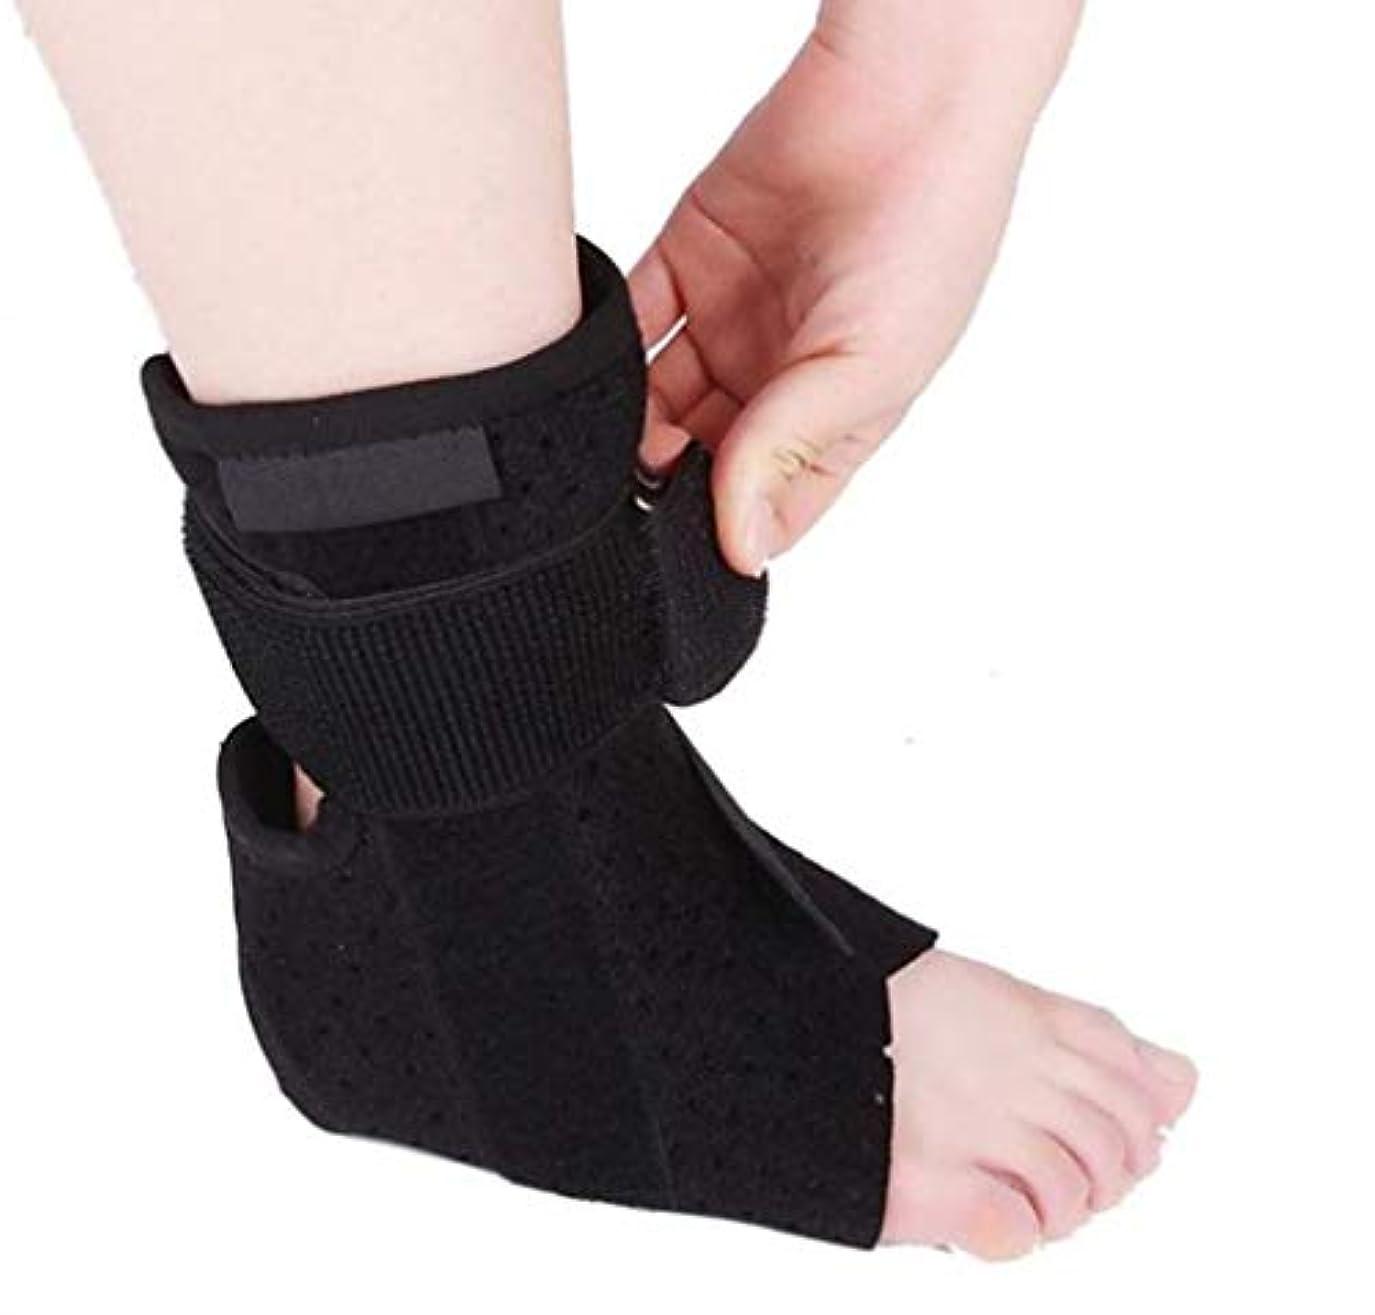 肺炎シュガー確執ドロップフットブレース、負傷回復のためのドロップフットサポートスプリント圧縮、関節痛などの 足ドロップ装具足首ブレースサポート保護-ユニセックス